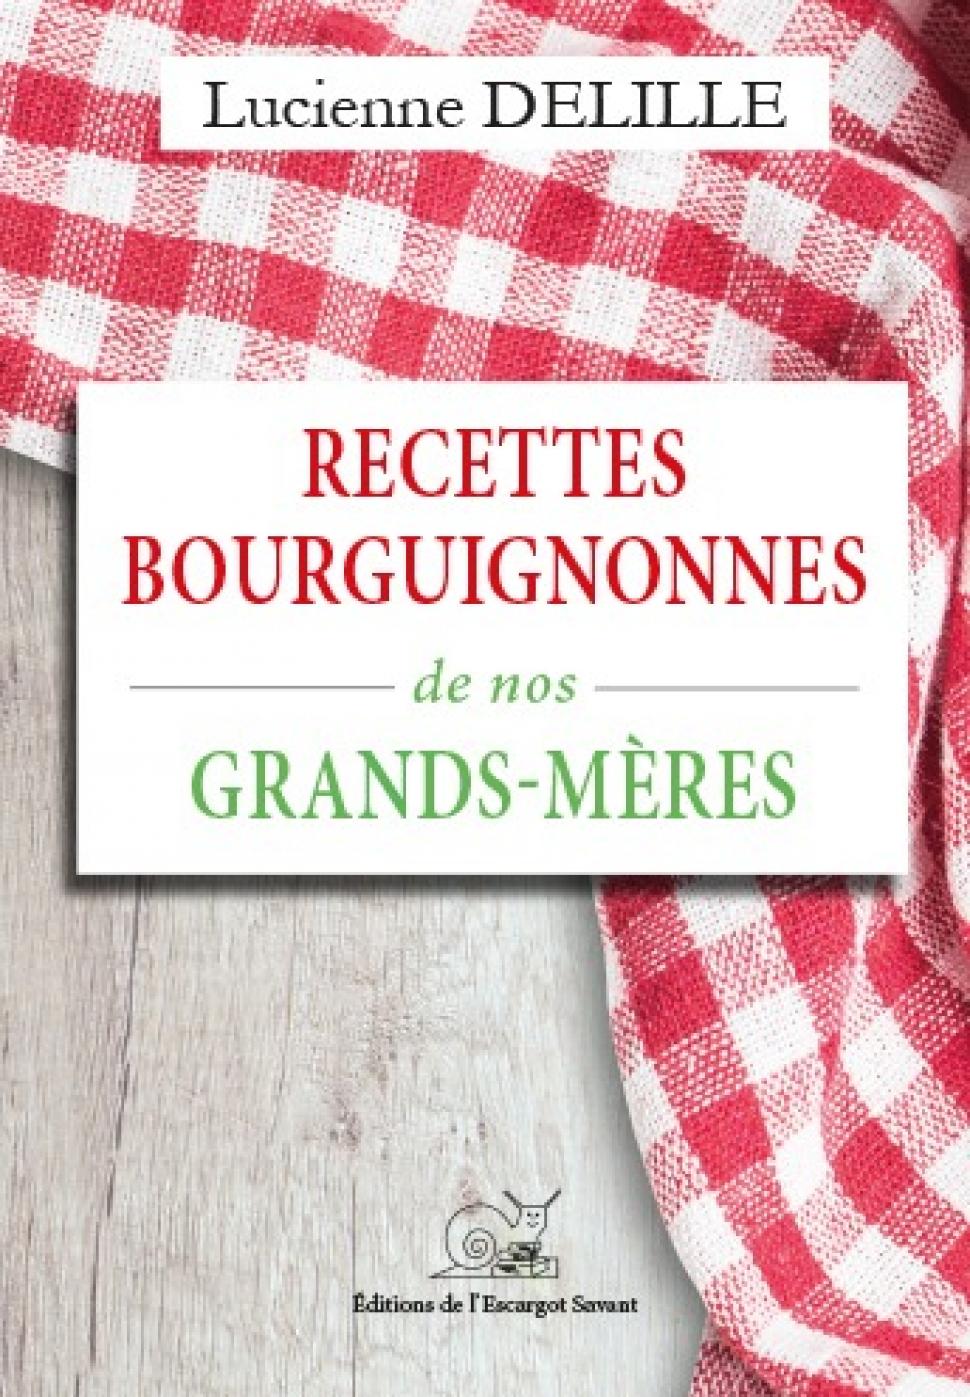 RECETTES BOURGUIGNONNES DE NOS GRAND-MERES De Lucienne DELILLE